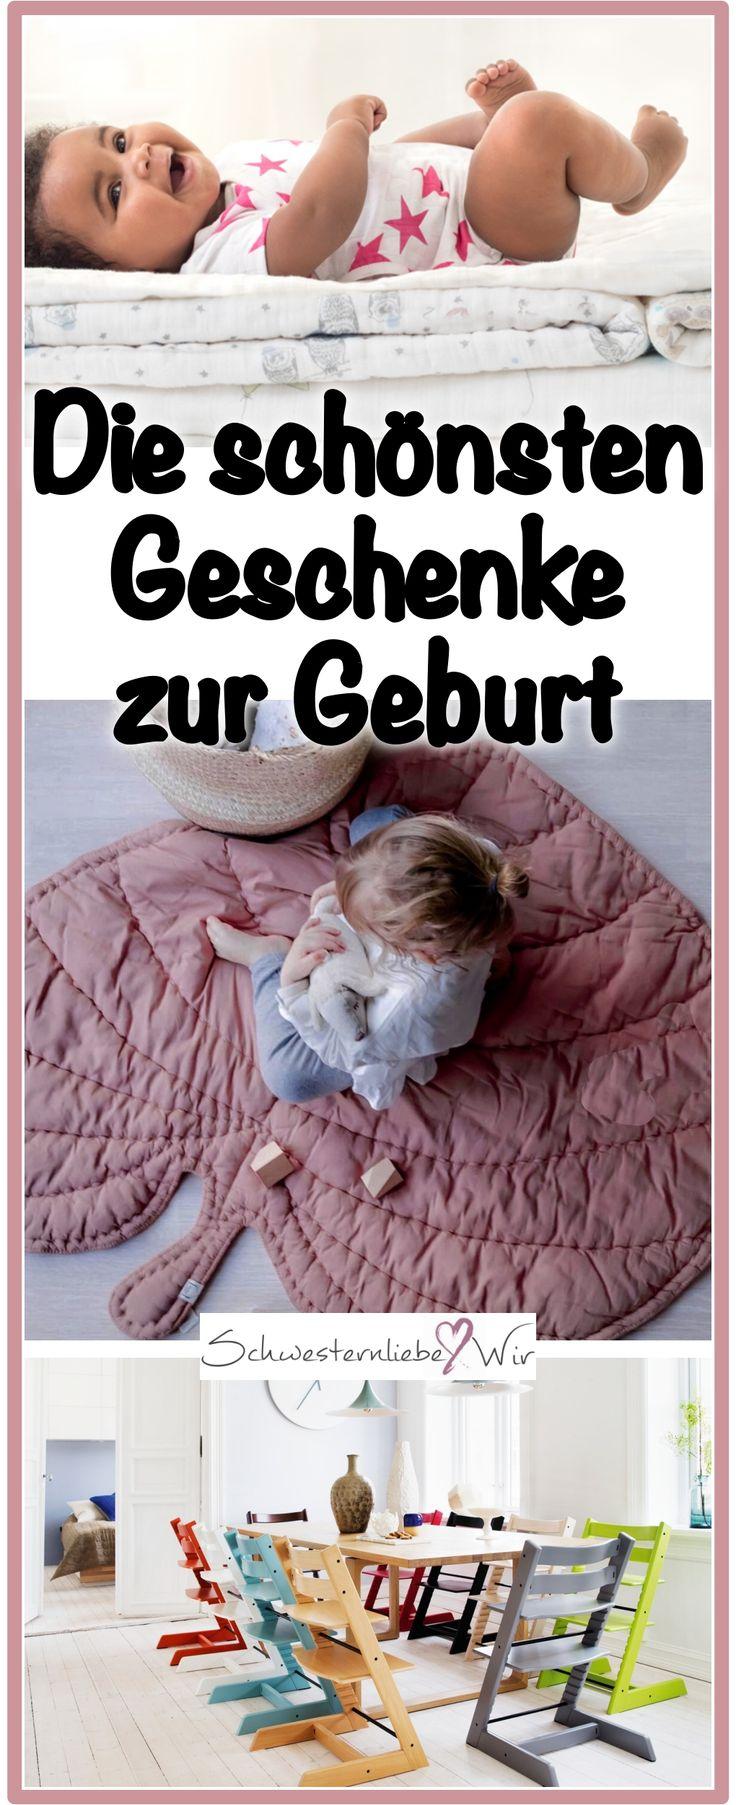 Die schönsten Babygeschenke: das sind die schönsten Geschenke zur Geburt eines Babys. Die Dinge können Eltern garantiert gut gebrauchen.  #schönedinge #baby #geburt #elternsein